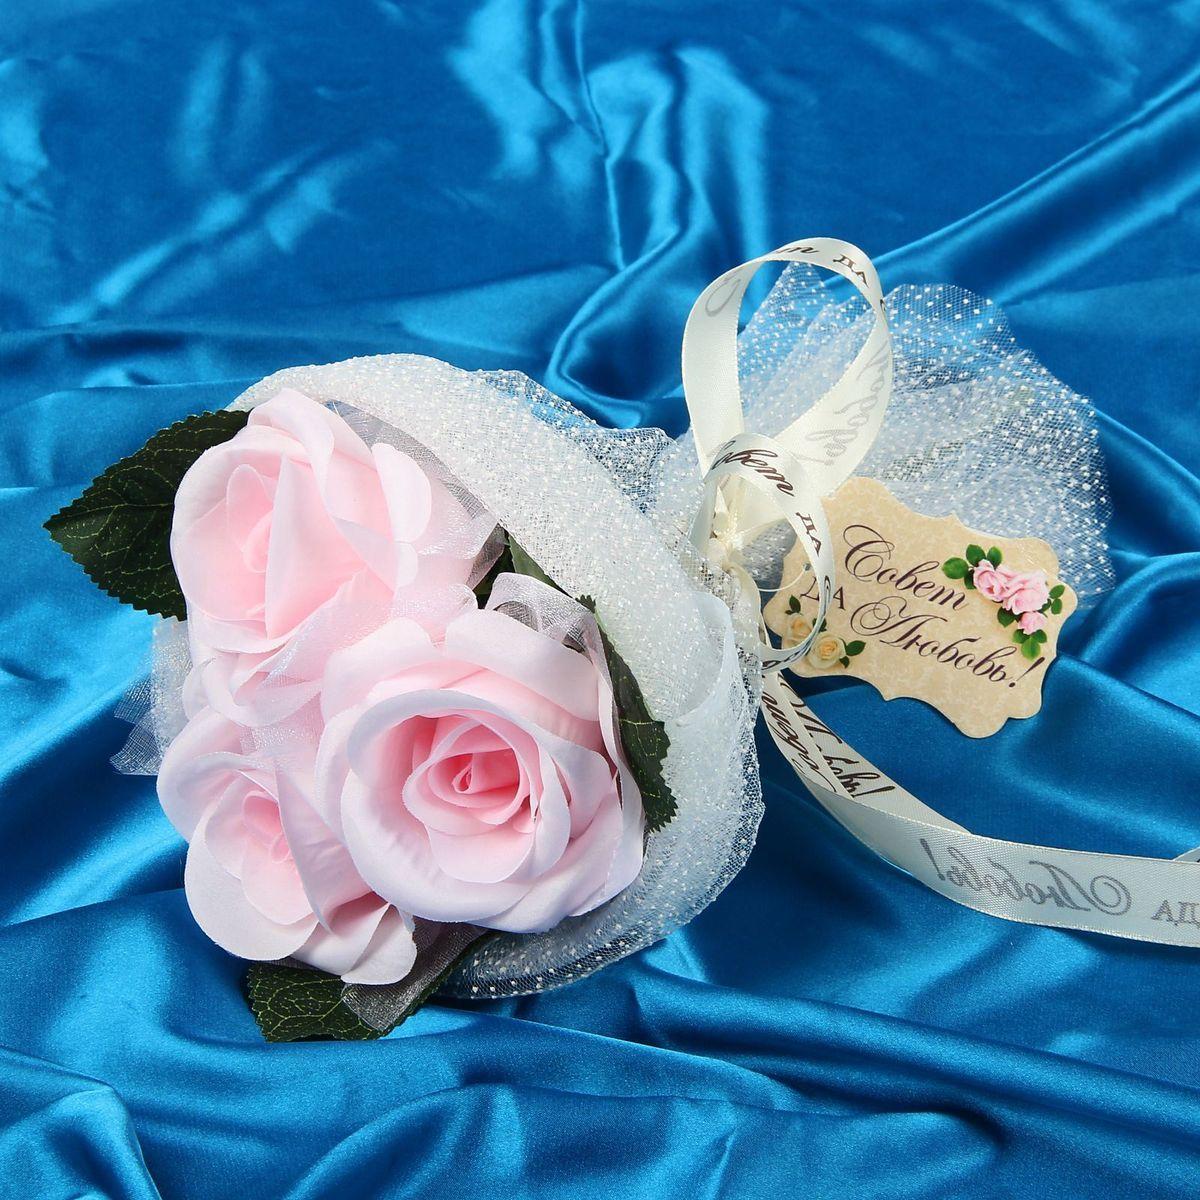 Букет-дублер Sima-land Воздушность, цвет: розовый1212633Свадьба — одно из главных событий в жизни человека. В такой день всё должно быть безупречно, особенно букет невесты. Но кидать, по старой традиции, цветочную композицию подругам не всегда удобно, и на помощь приходит букет-дублер Воздушность розы — красивый и яркий аксессуар. Стебли оформлены лентой с надписью Совет да любовь. Букет дополнен шильдом с тёплым пожеланием. После торжества он украсит любой интерьер, ведь нежные цветы из текстиля не завянут и не помнутся.